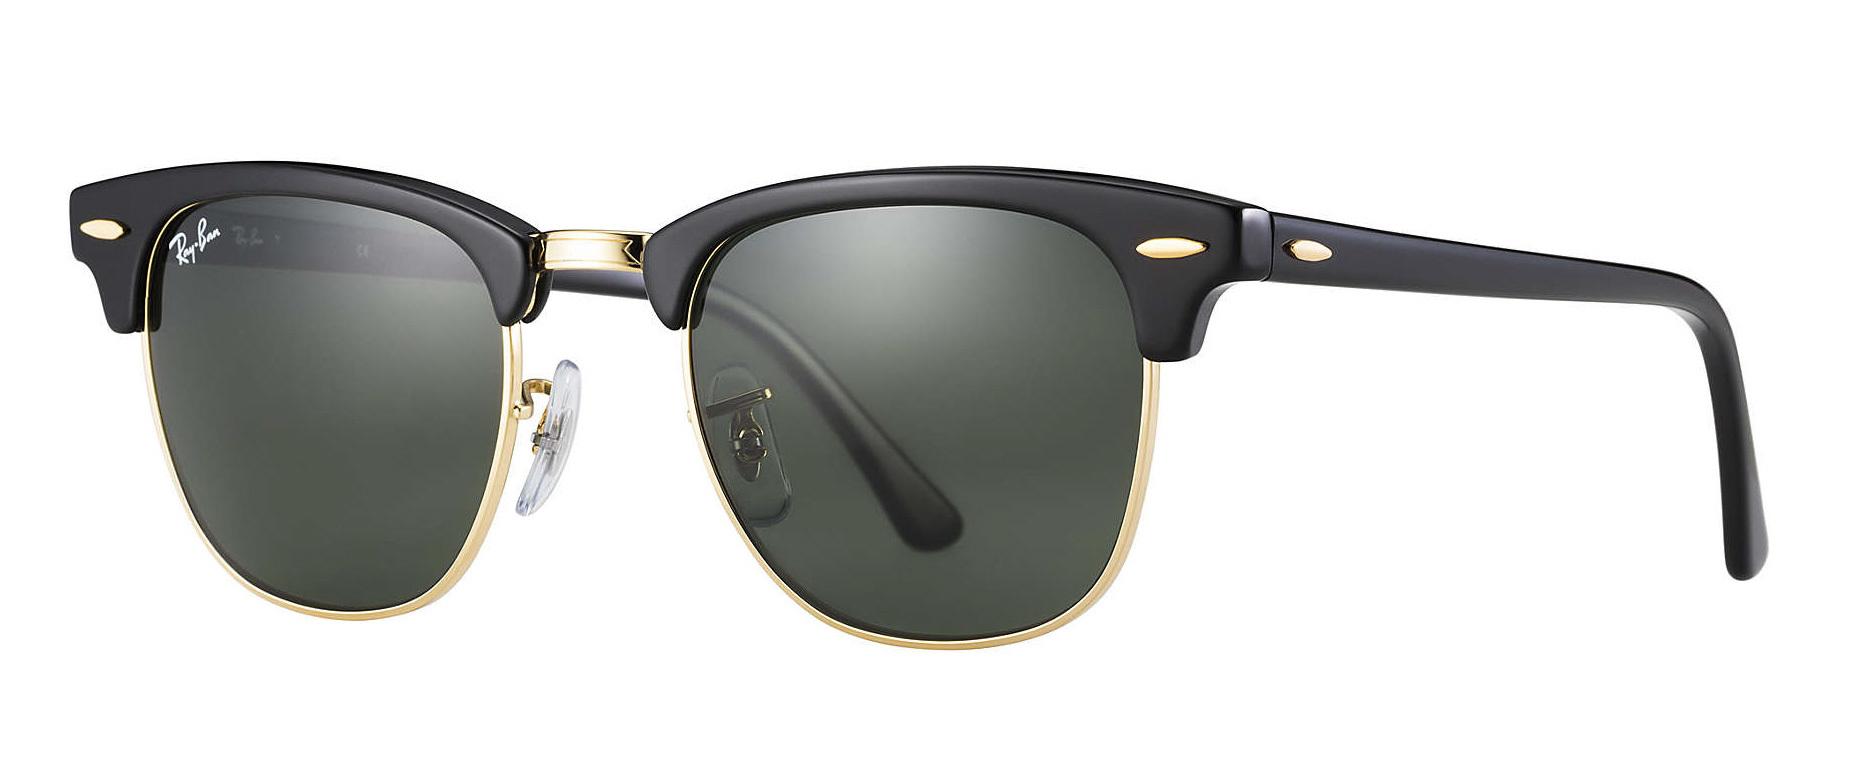 835437e7ca Ray-Ban Clubmaster Classic Sunglasses RB3016 W0365 51-21